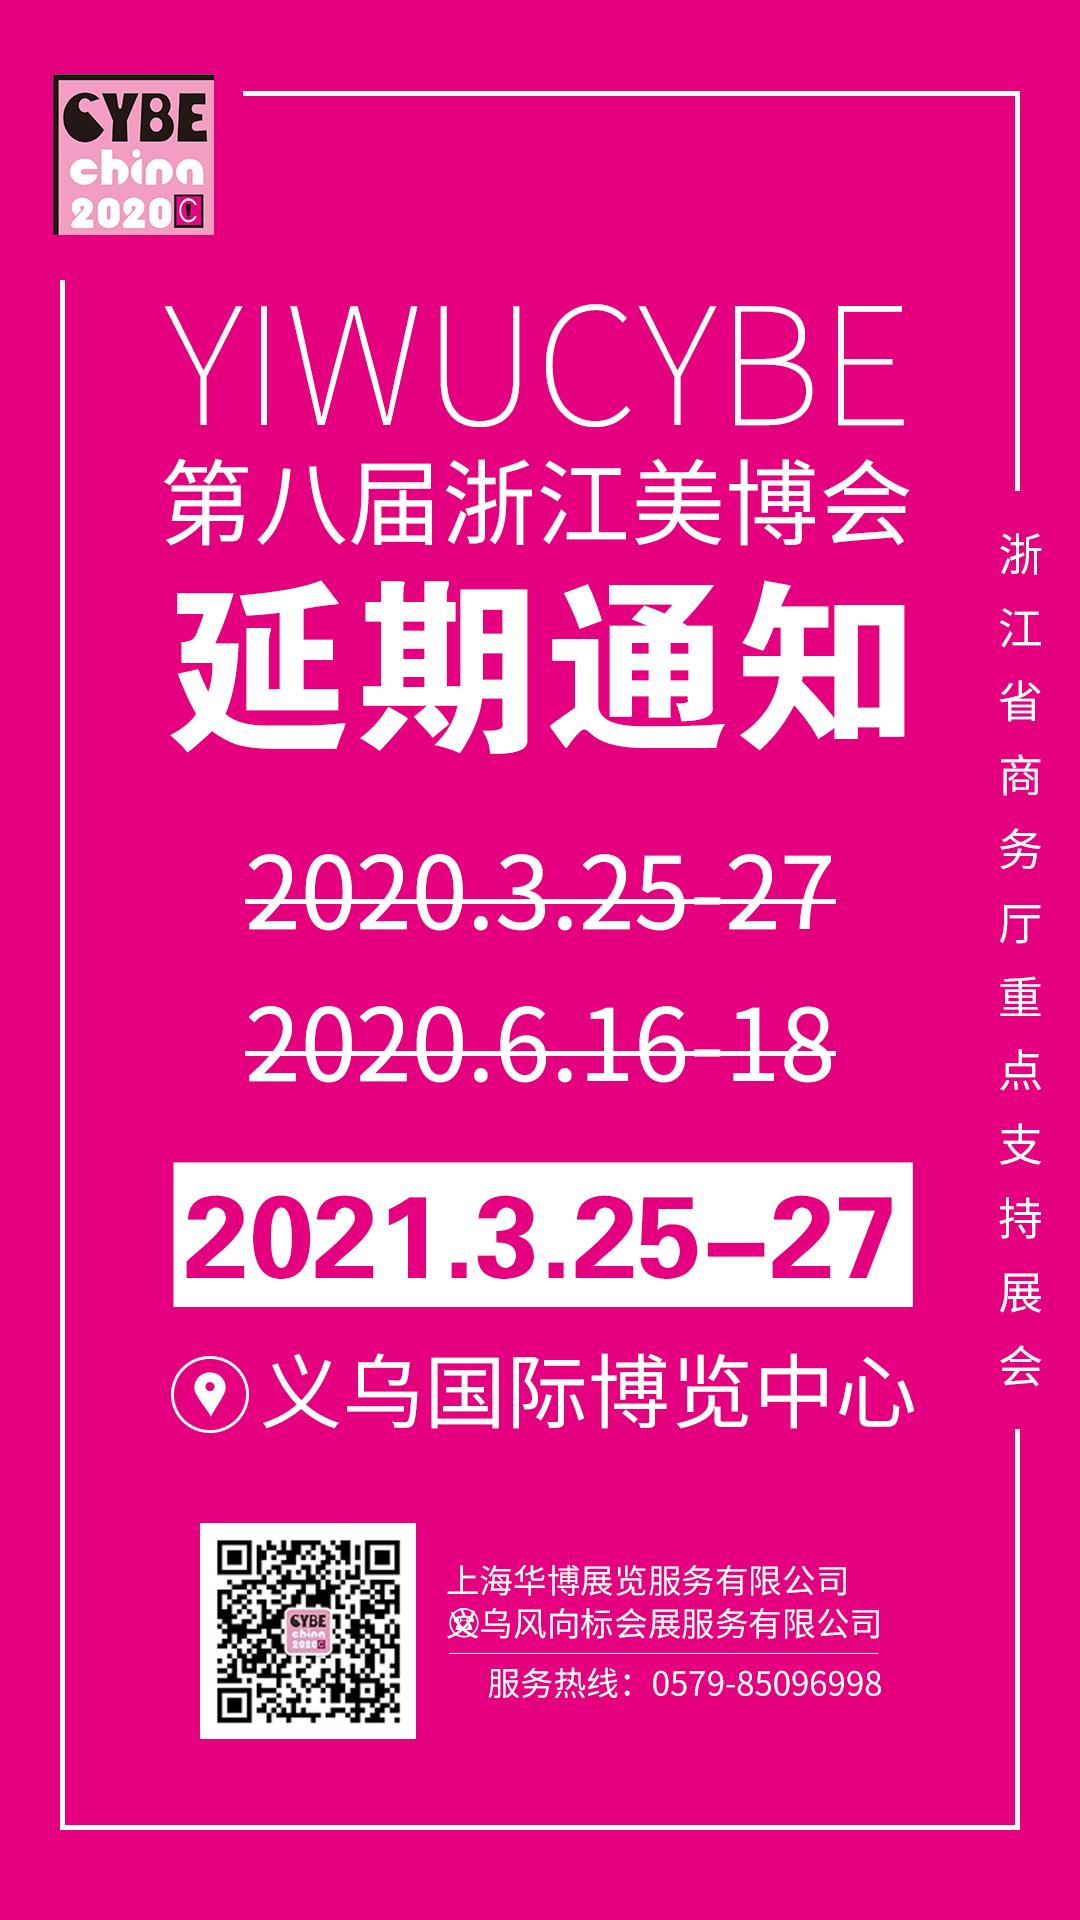 浙江美博会&亚洲时尚盛典